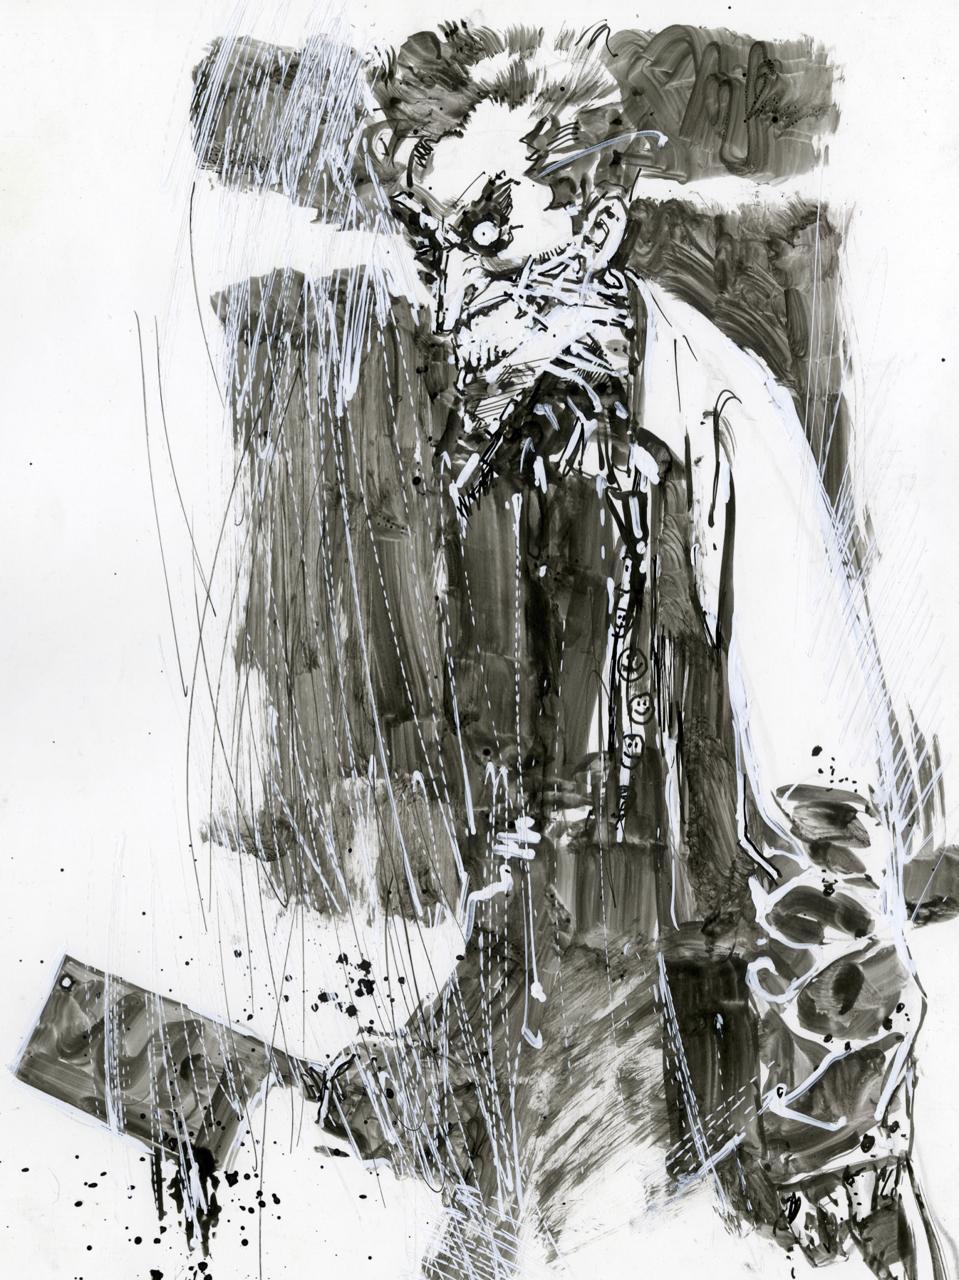 Sienkiewicz Joker